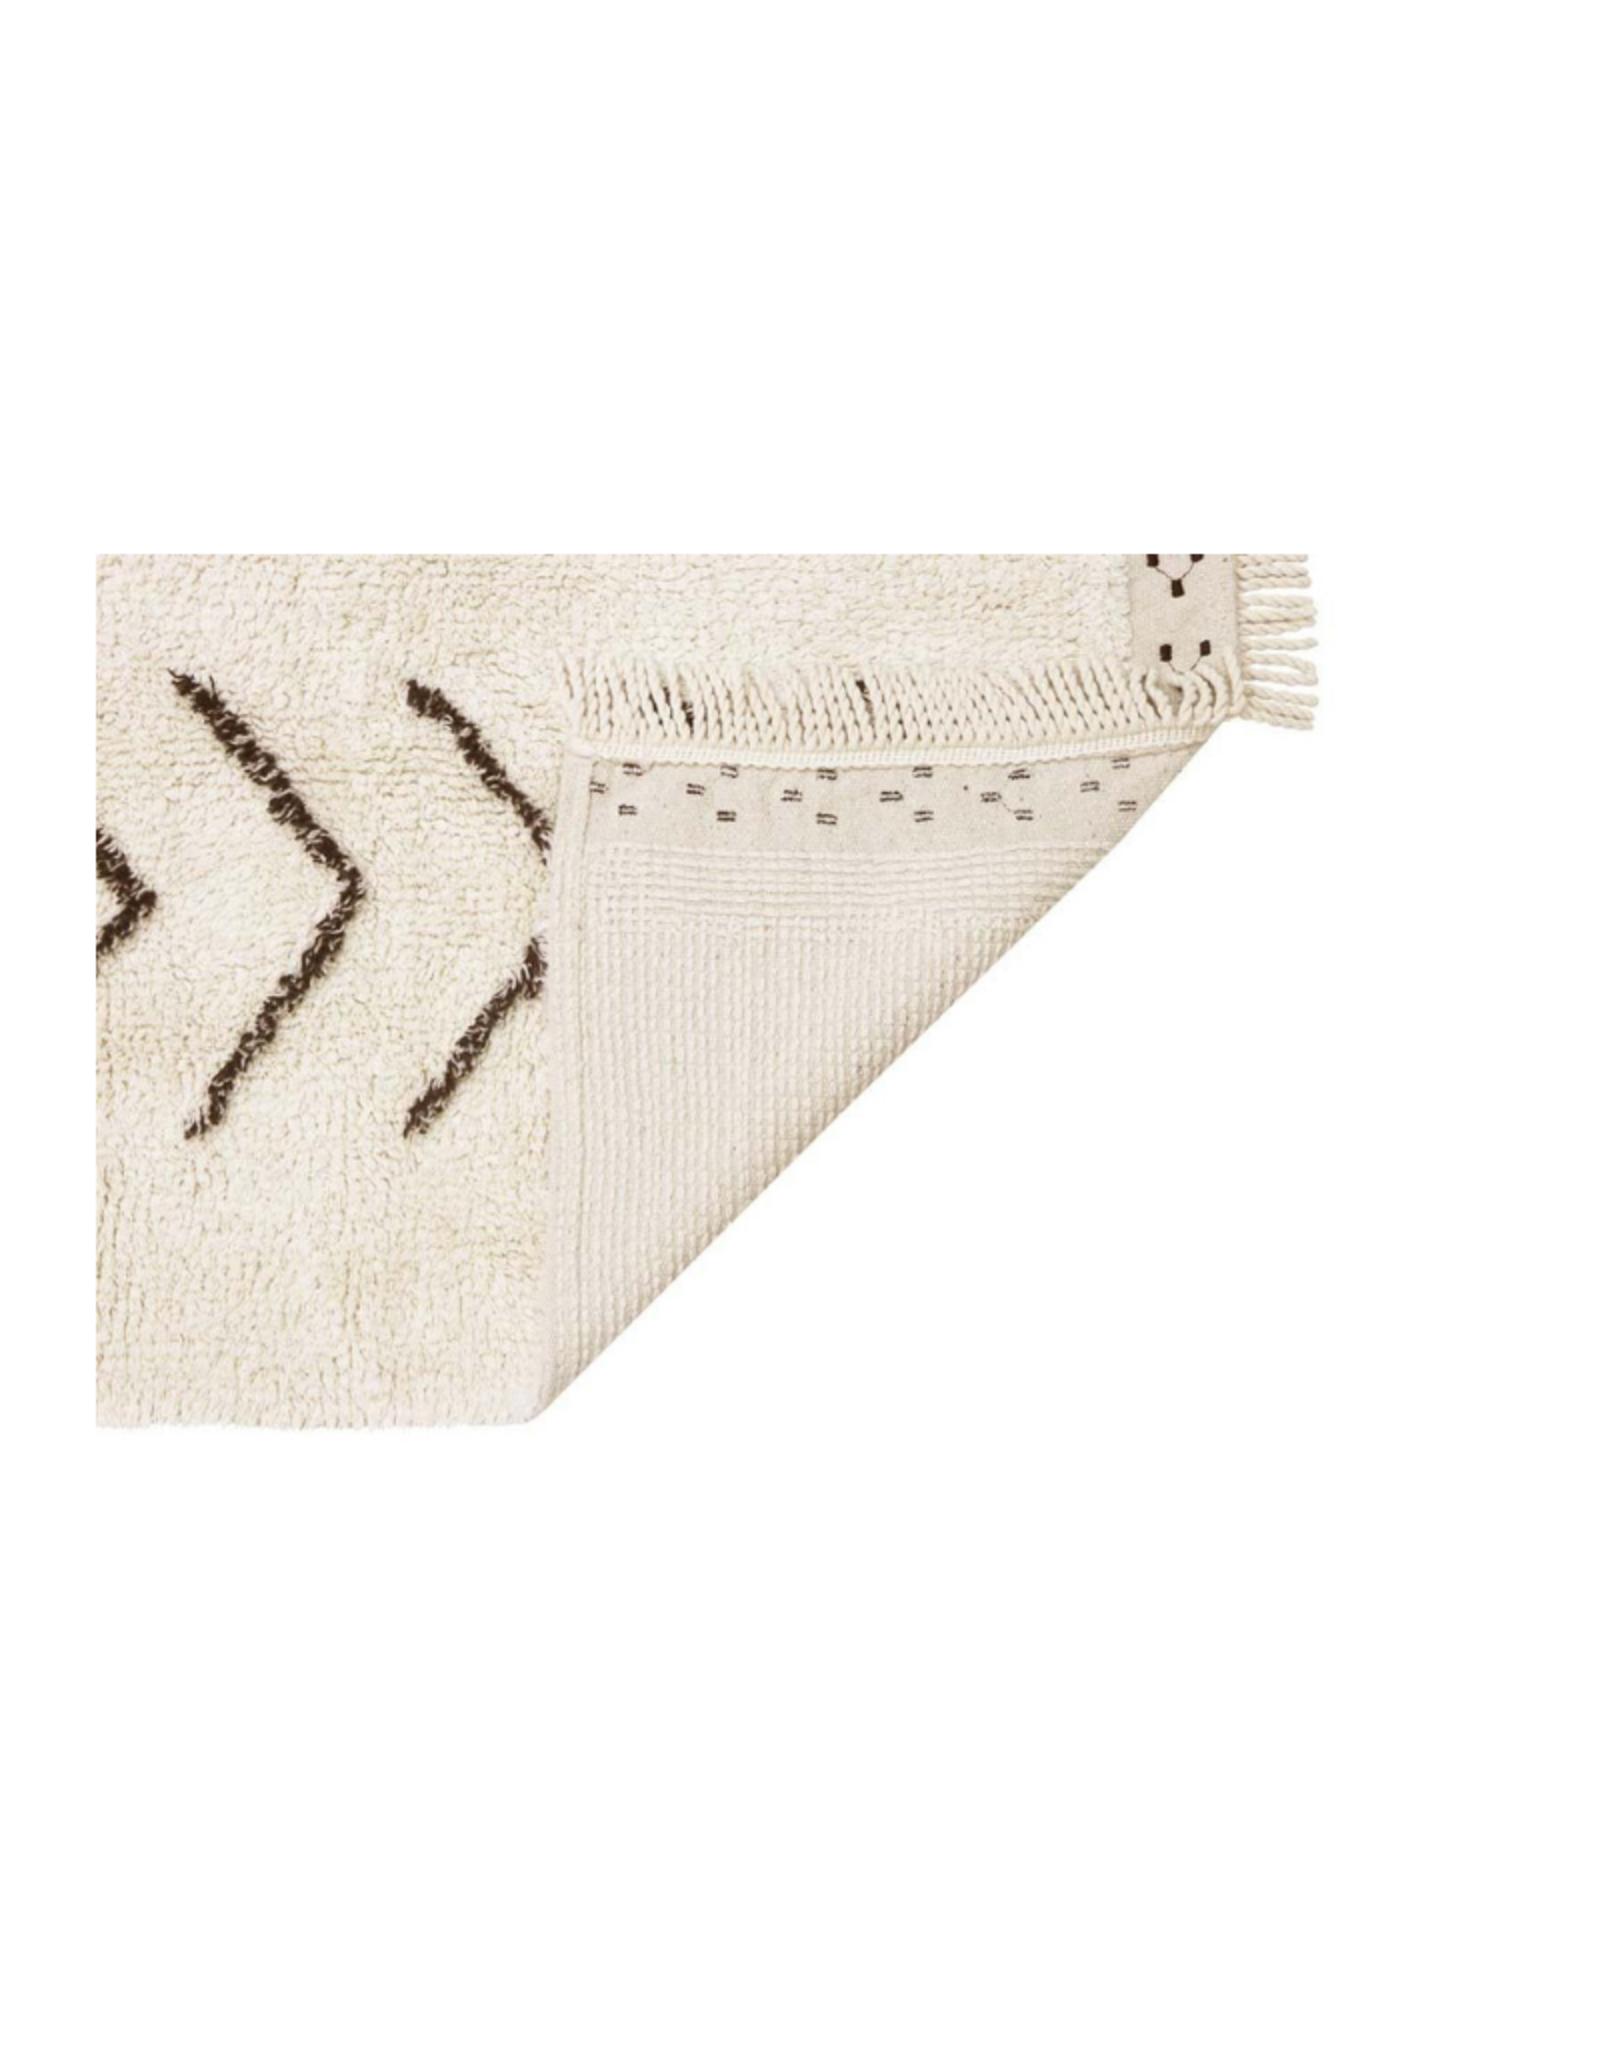 Lorena Canals Vloerkleed Bereber Rhombs 170 x 240 cm- Washable katoen